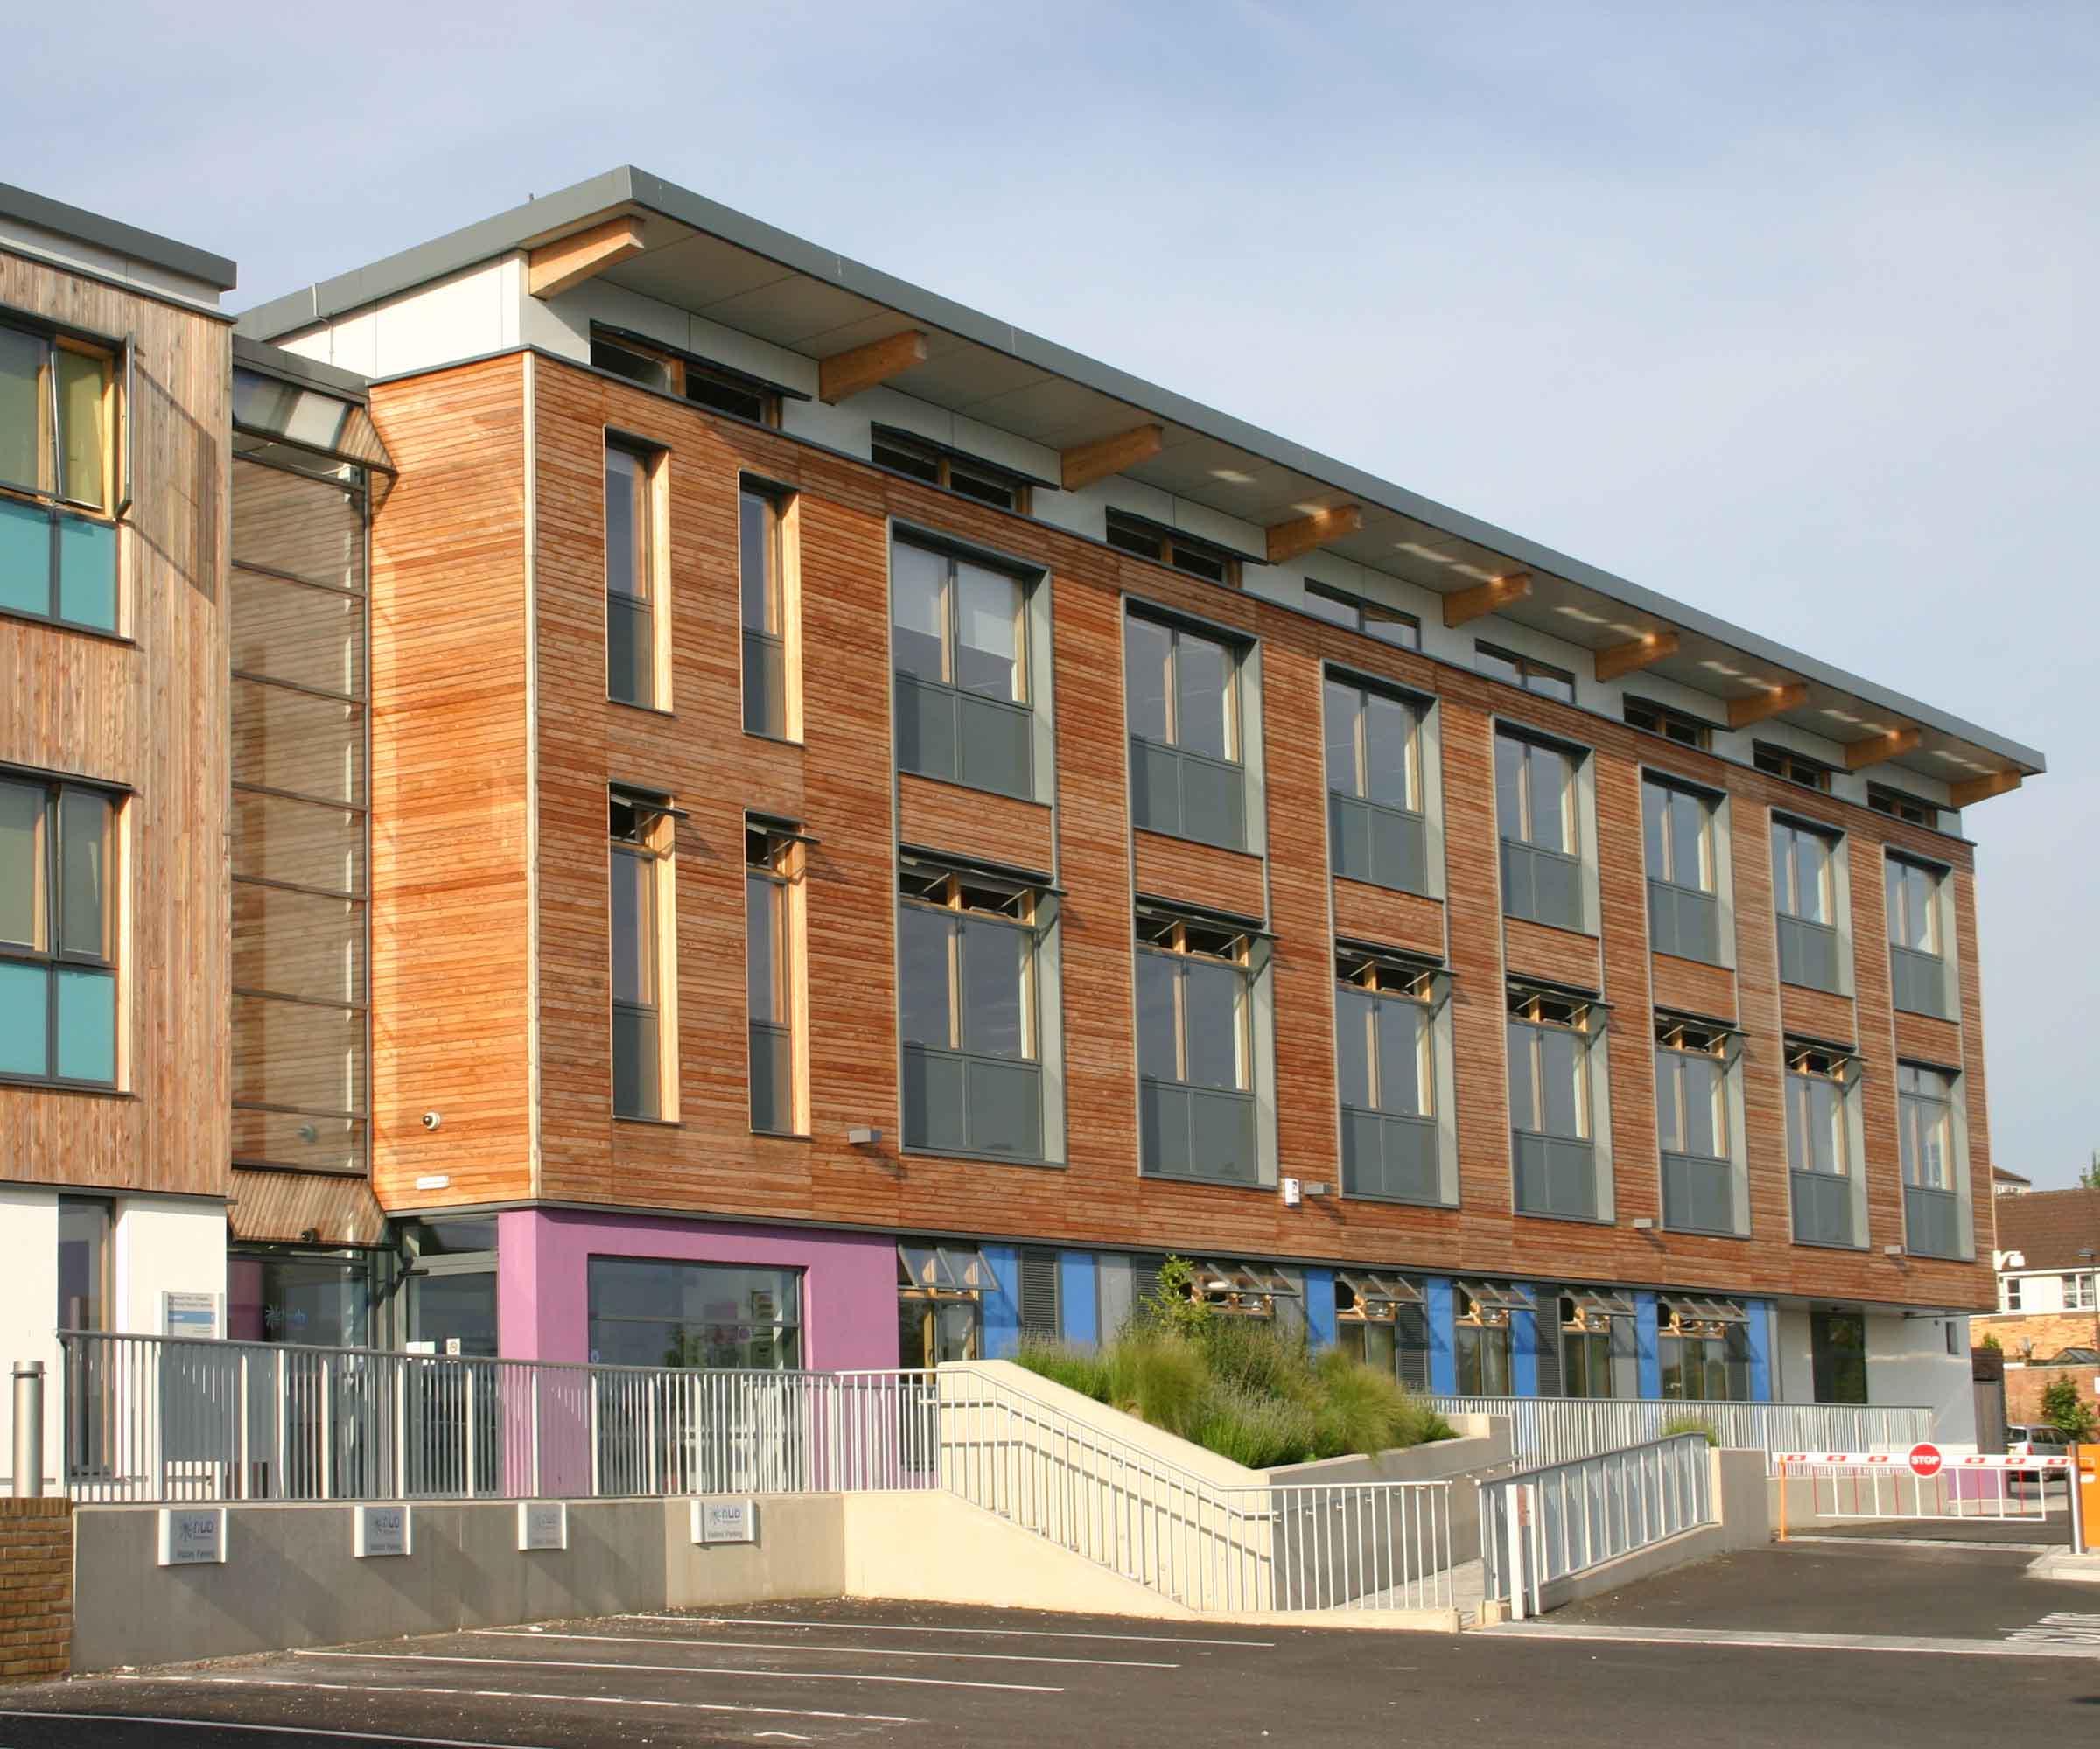 Alumasc exterior building products ltd for Exterior building materials